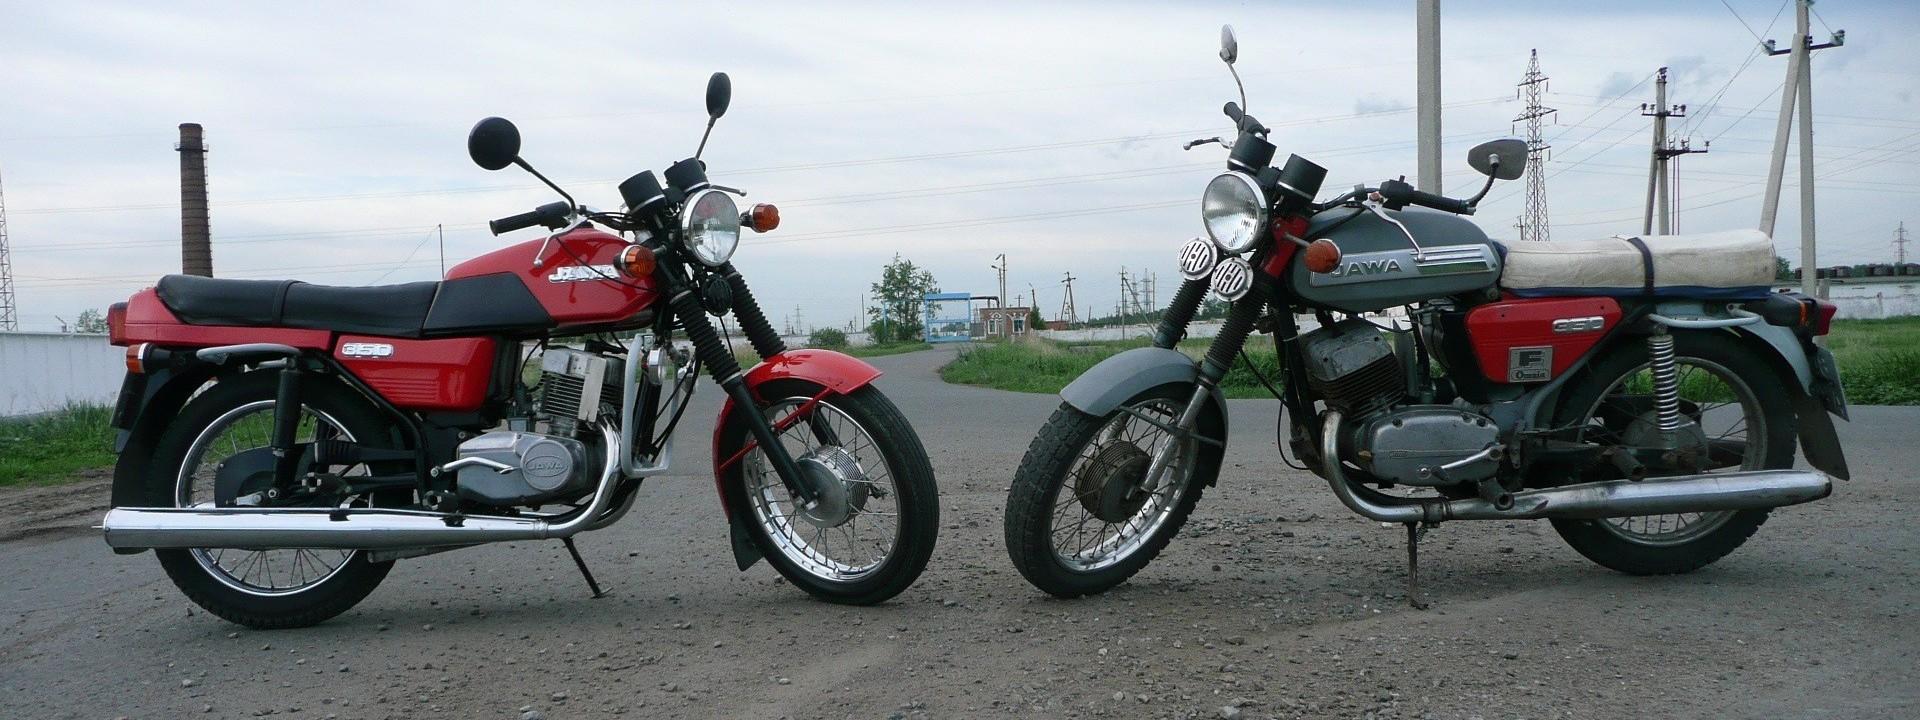 обои для рабочего стола мотоцикл минск № 438208  скачать